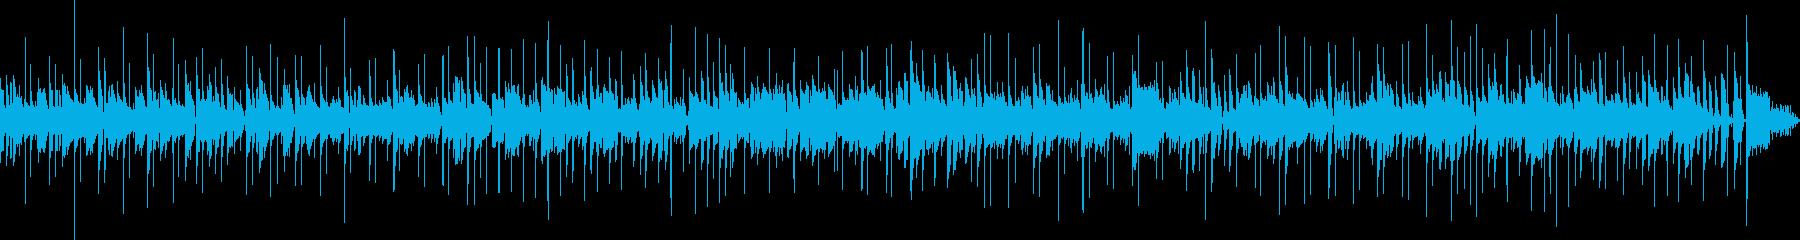 生演奏 動物ほのぼの系ぽかぽか陽気の再生済みの波形